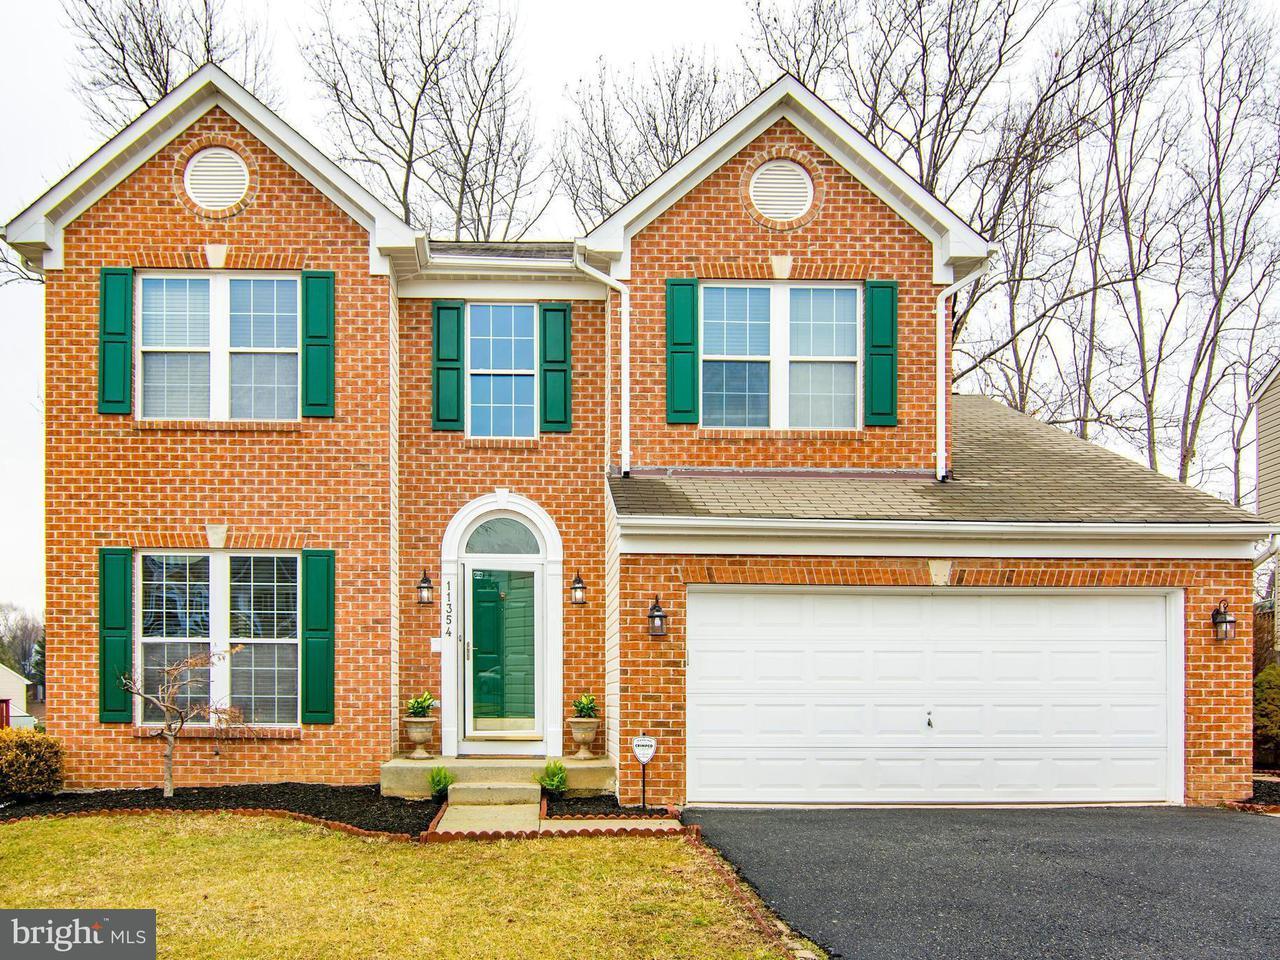 一戸建て のために 売買 アット 11354 Holter Road 11354 Holter Road White Marsh, メリーランド 21162 アメリカ合衆国